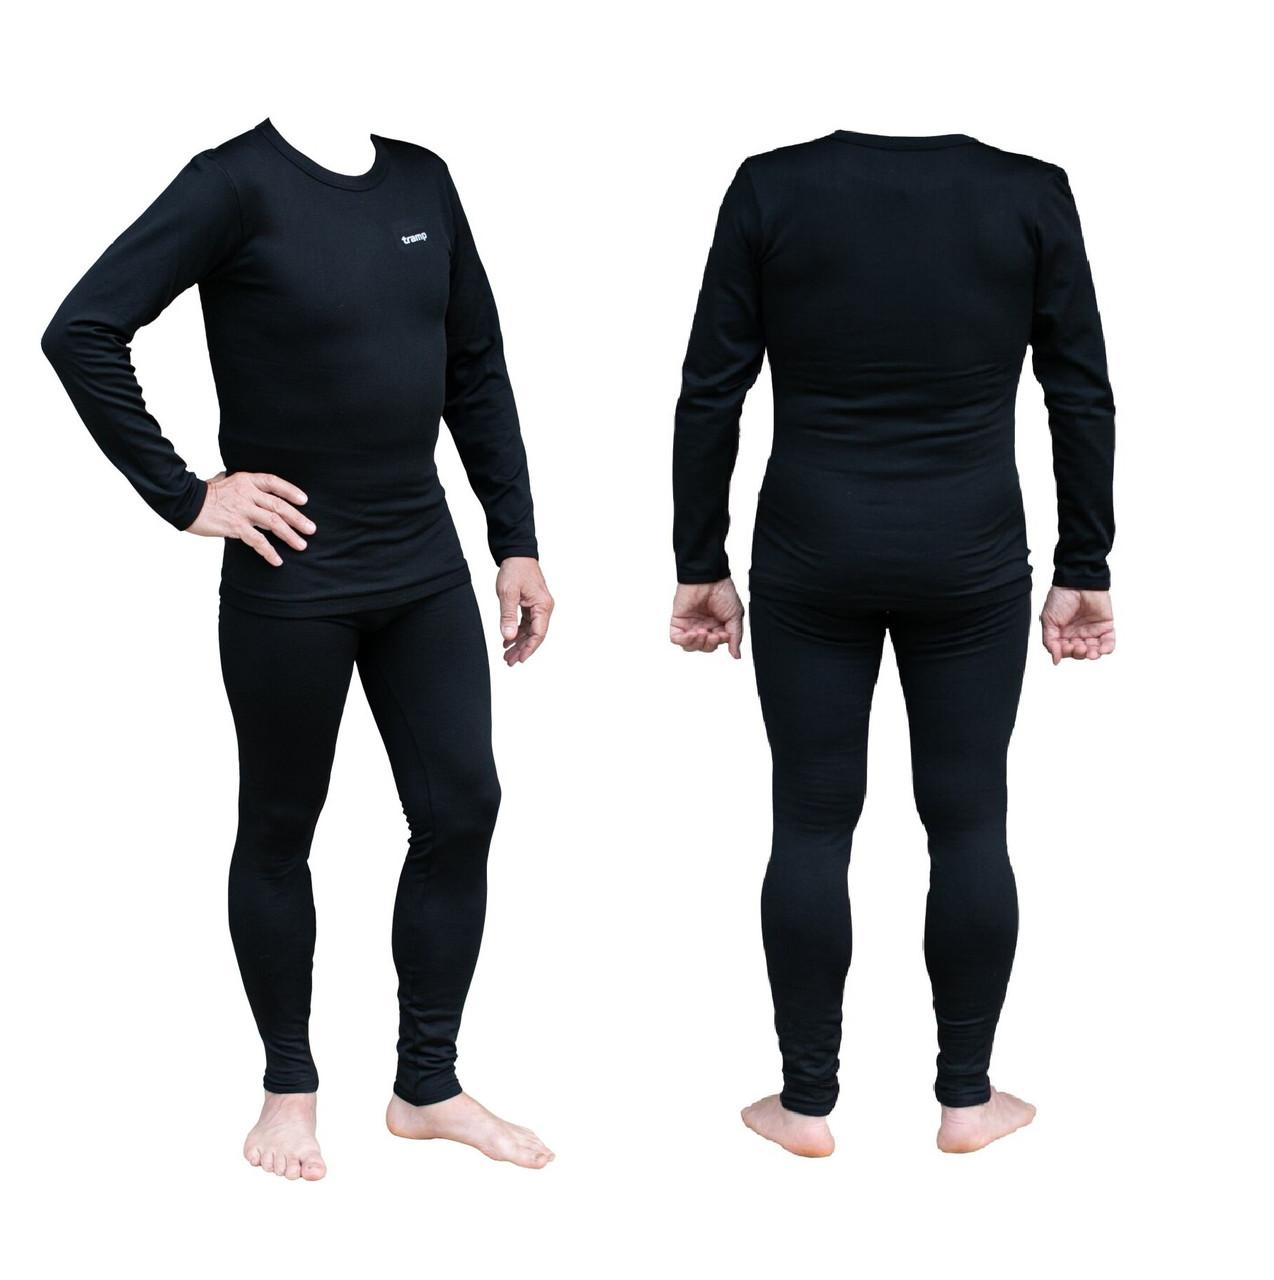 Термобілизна чоловіча Tramp Warm Soft чорний комплект (футболка + кальсони) TRUM-019 чорний